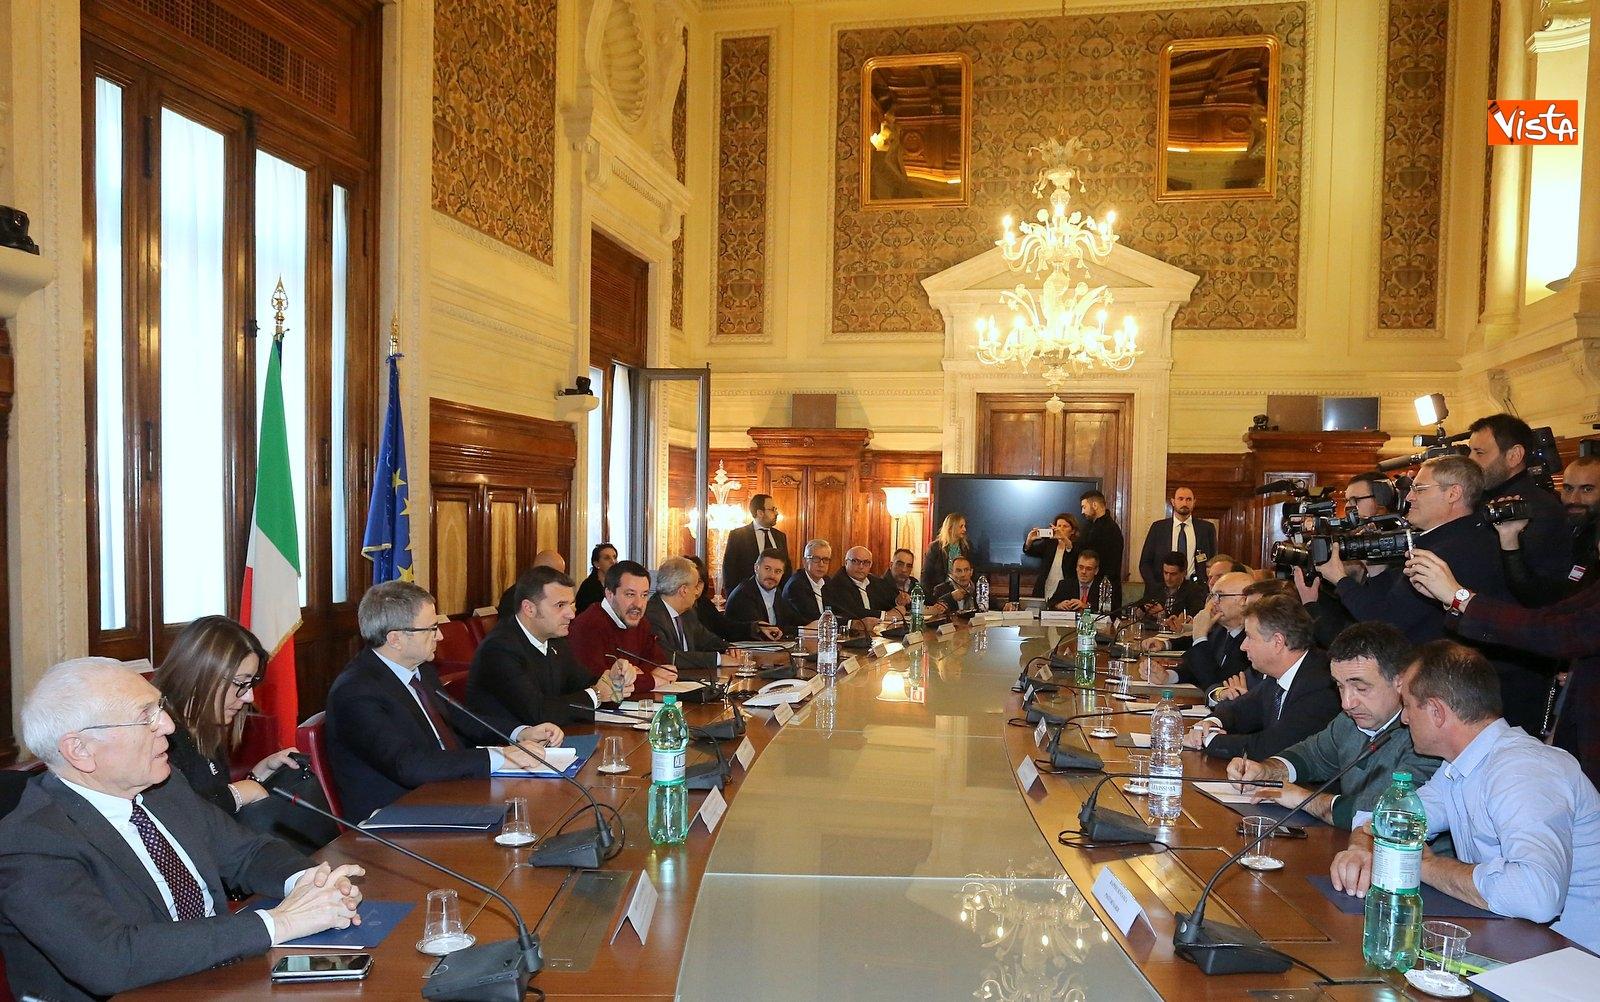 14-02-19 Salvini incontr una delegazione di pastori sardi le immagini